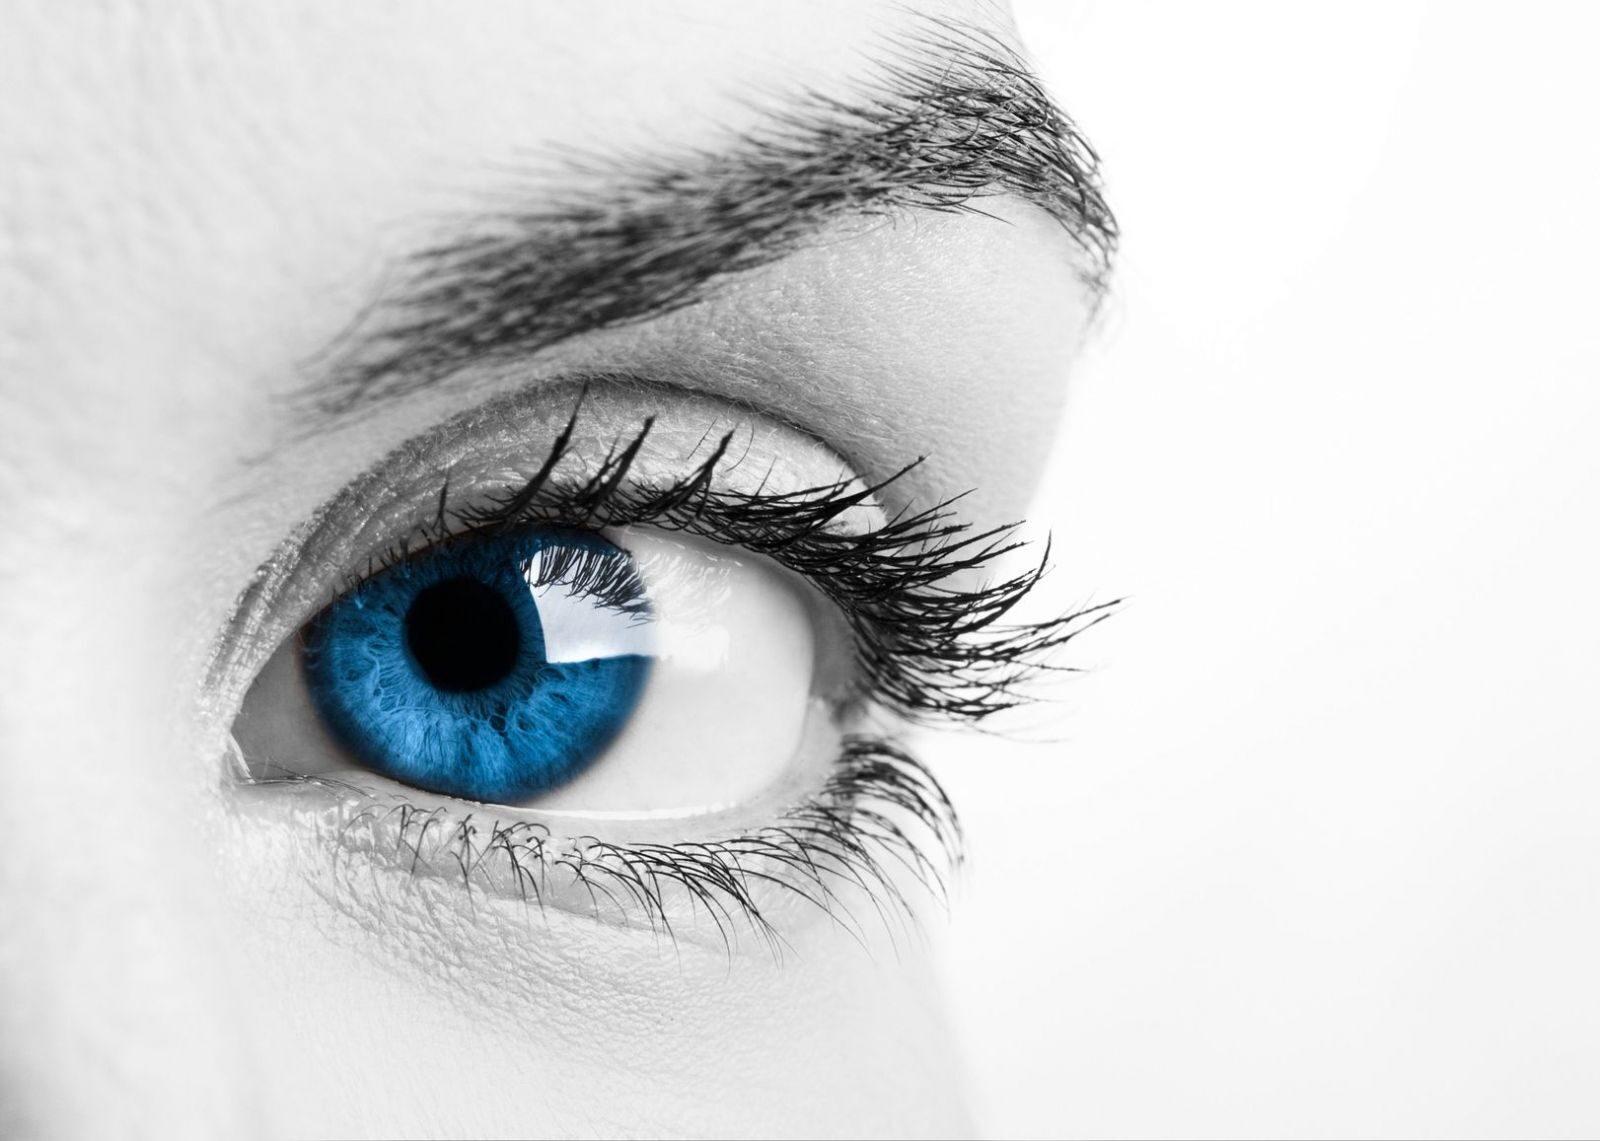 látási mutatók 5 évnél színes vak szem teszt diagram